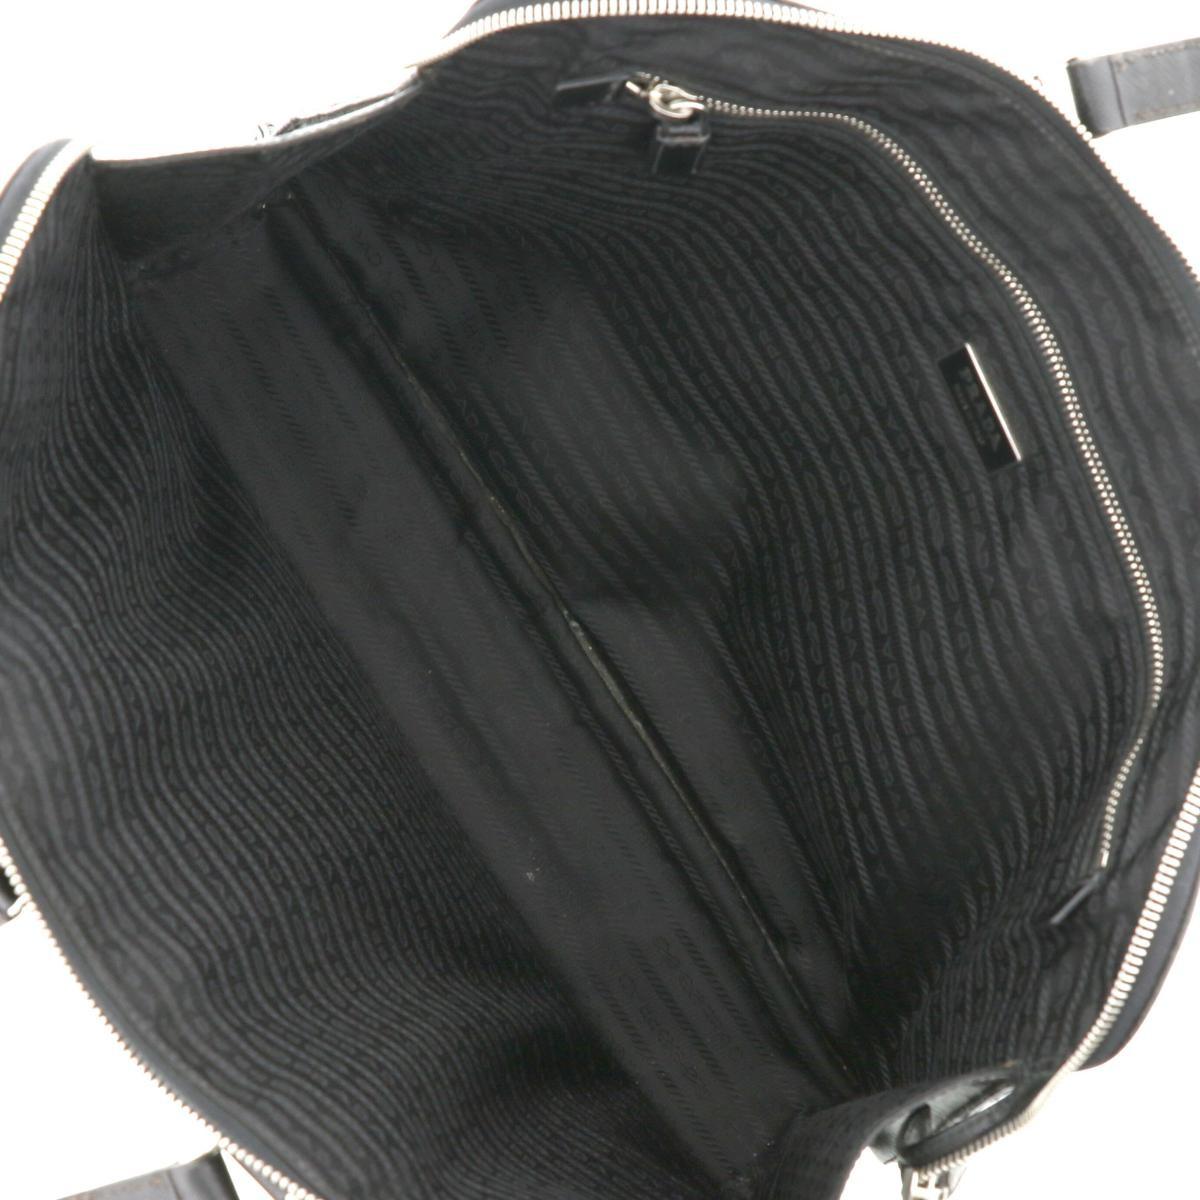 【中古】 PRADA (プラダ) サフィアーノ レザー ブリーフケース バッグ ビジネスバッグ/ブリーフケース  Black VR0023 used:C